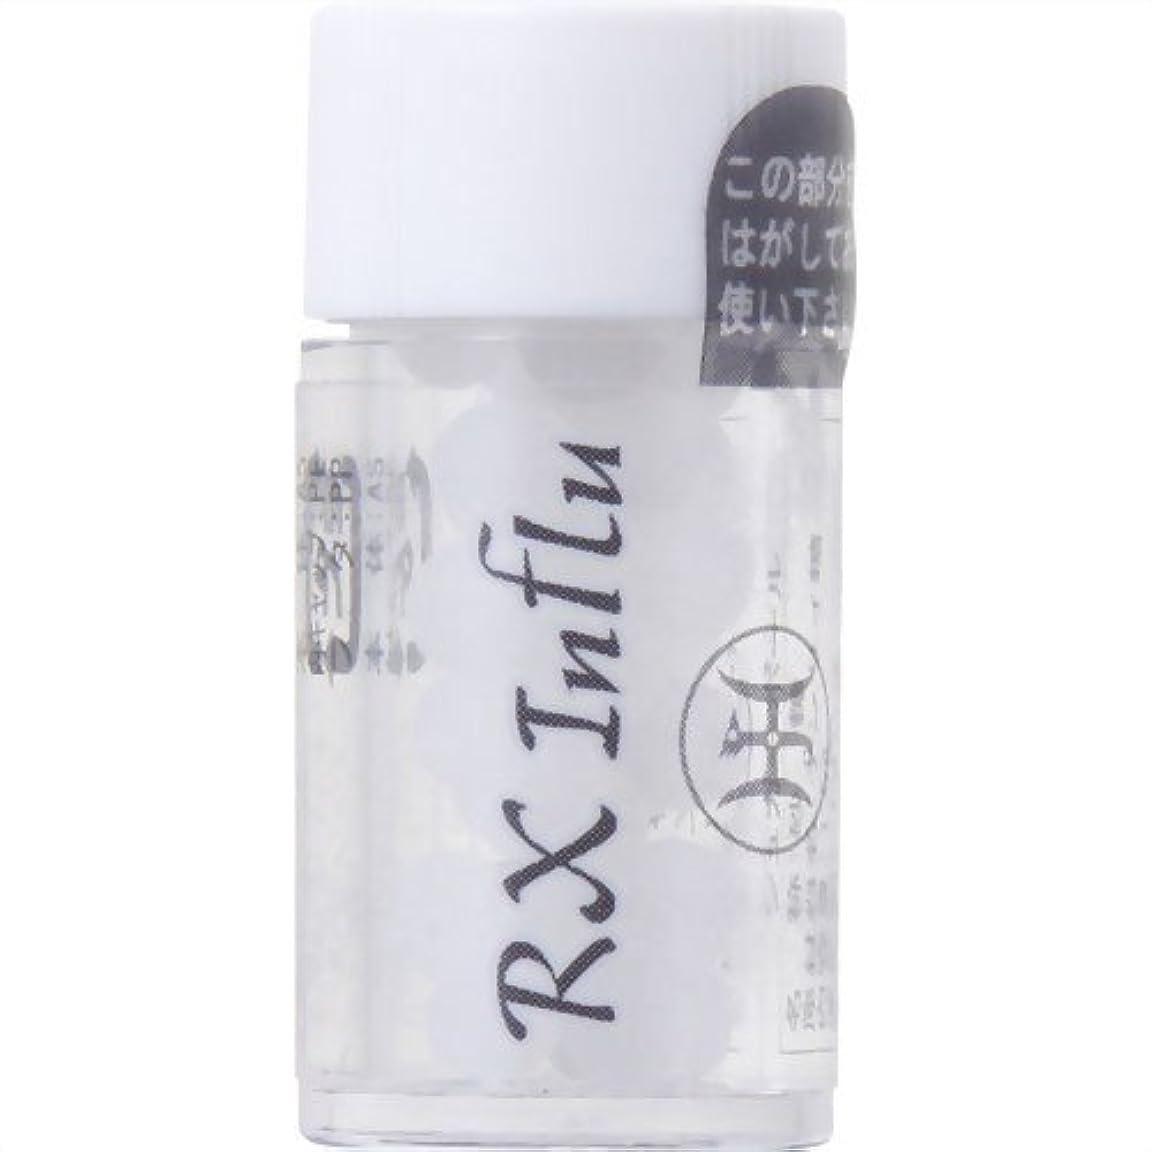 四面体ピースペンフレンドホメオパシージャパンレメディー RX Inf  アールエックス インフ (小ビン)